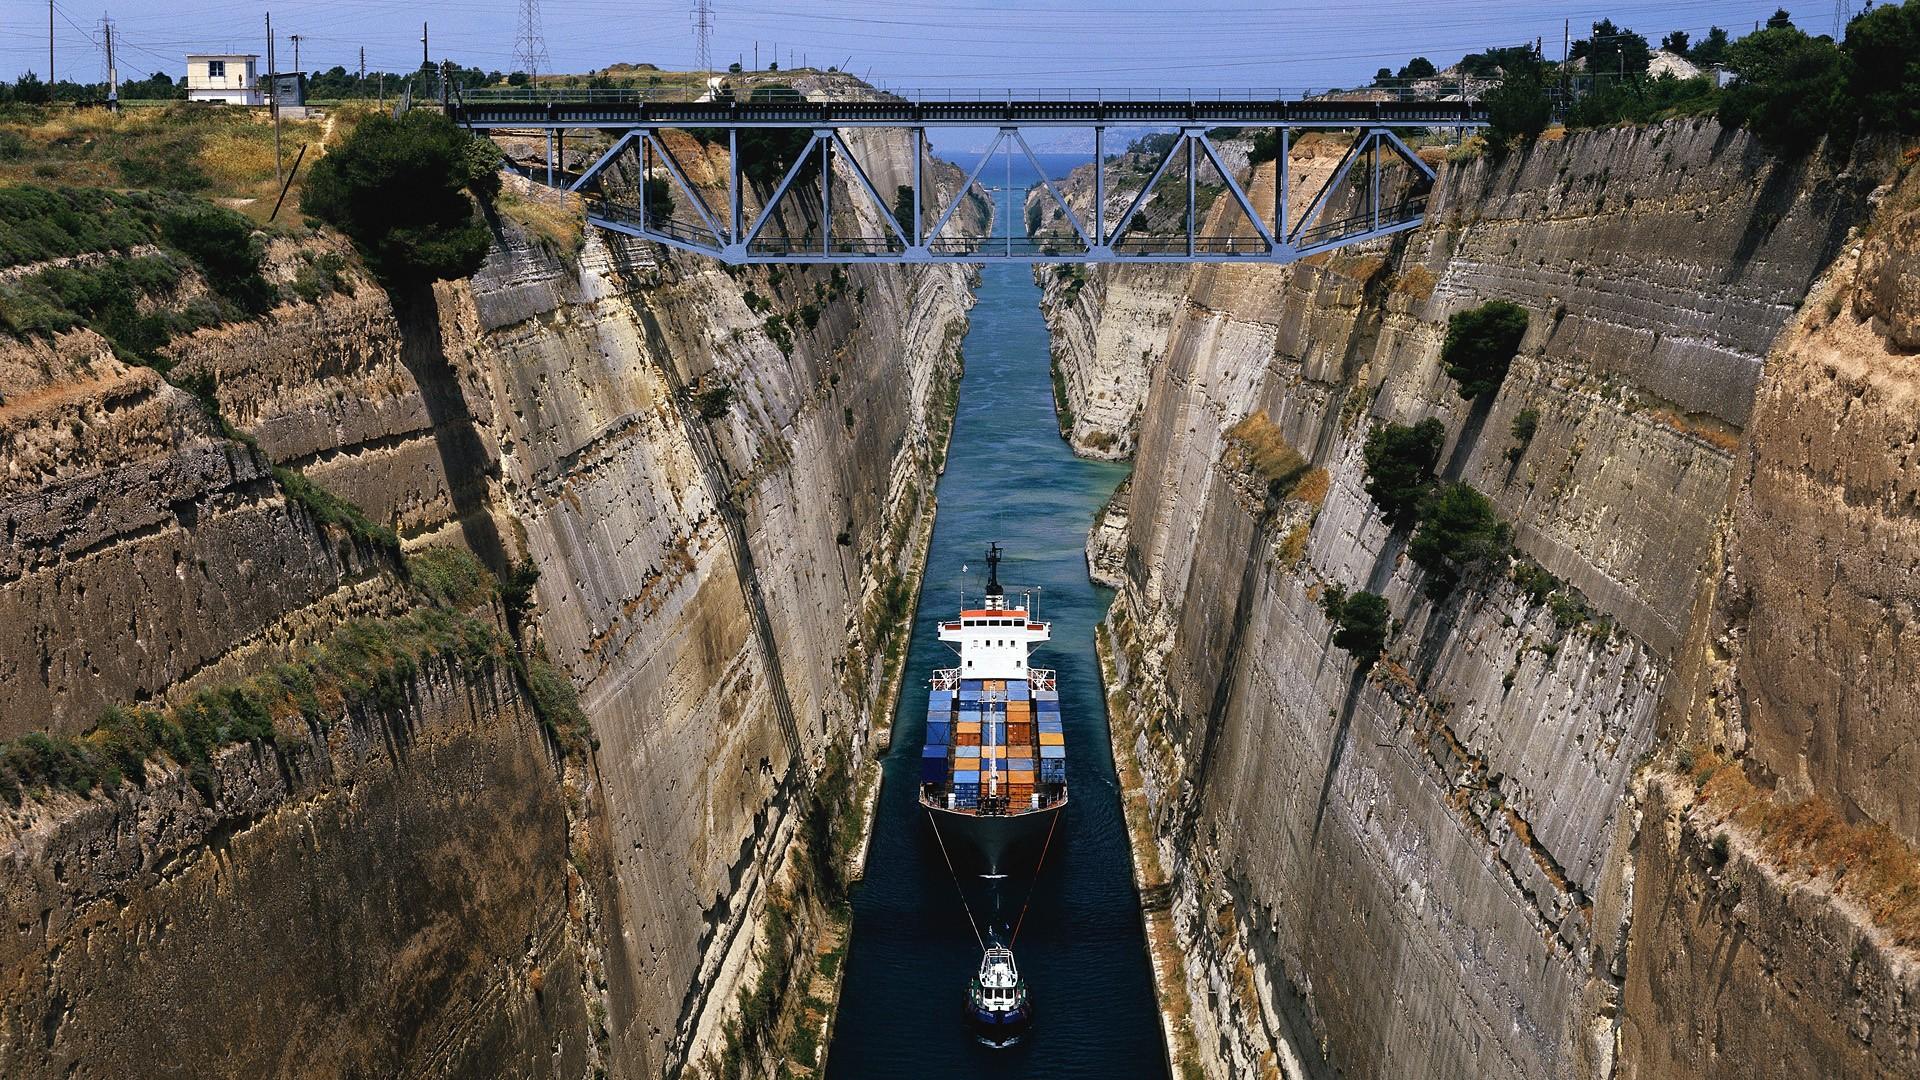 картинки мосты и корабли просто рубят корню